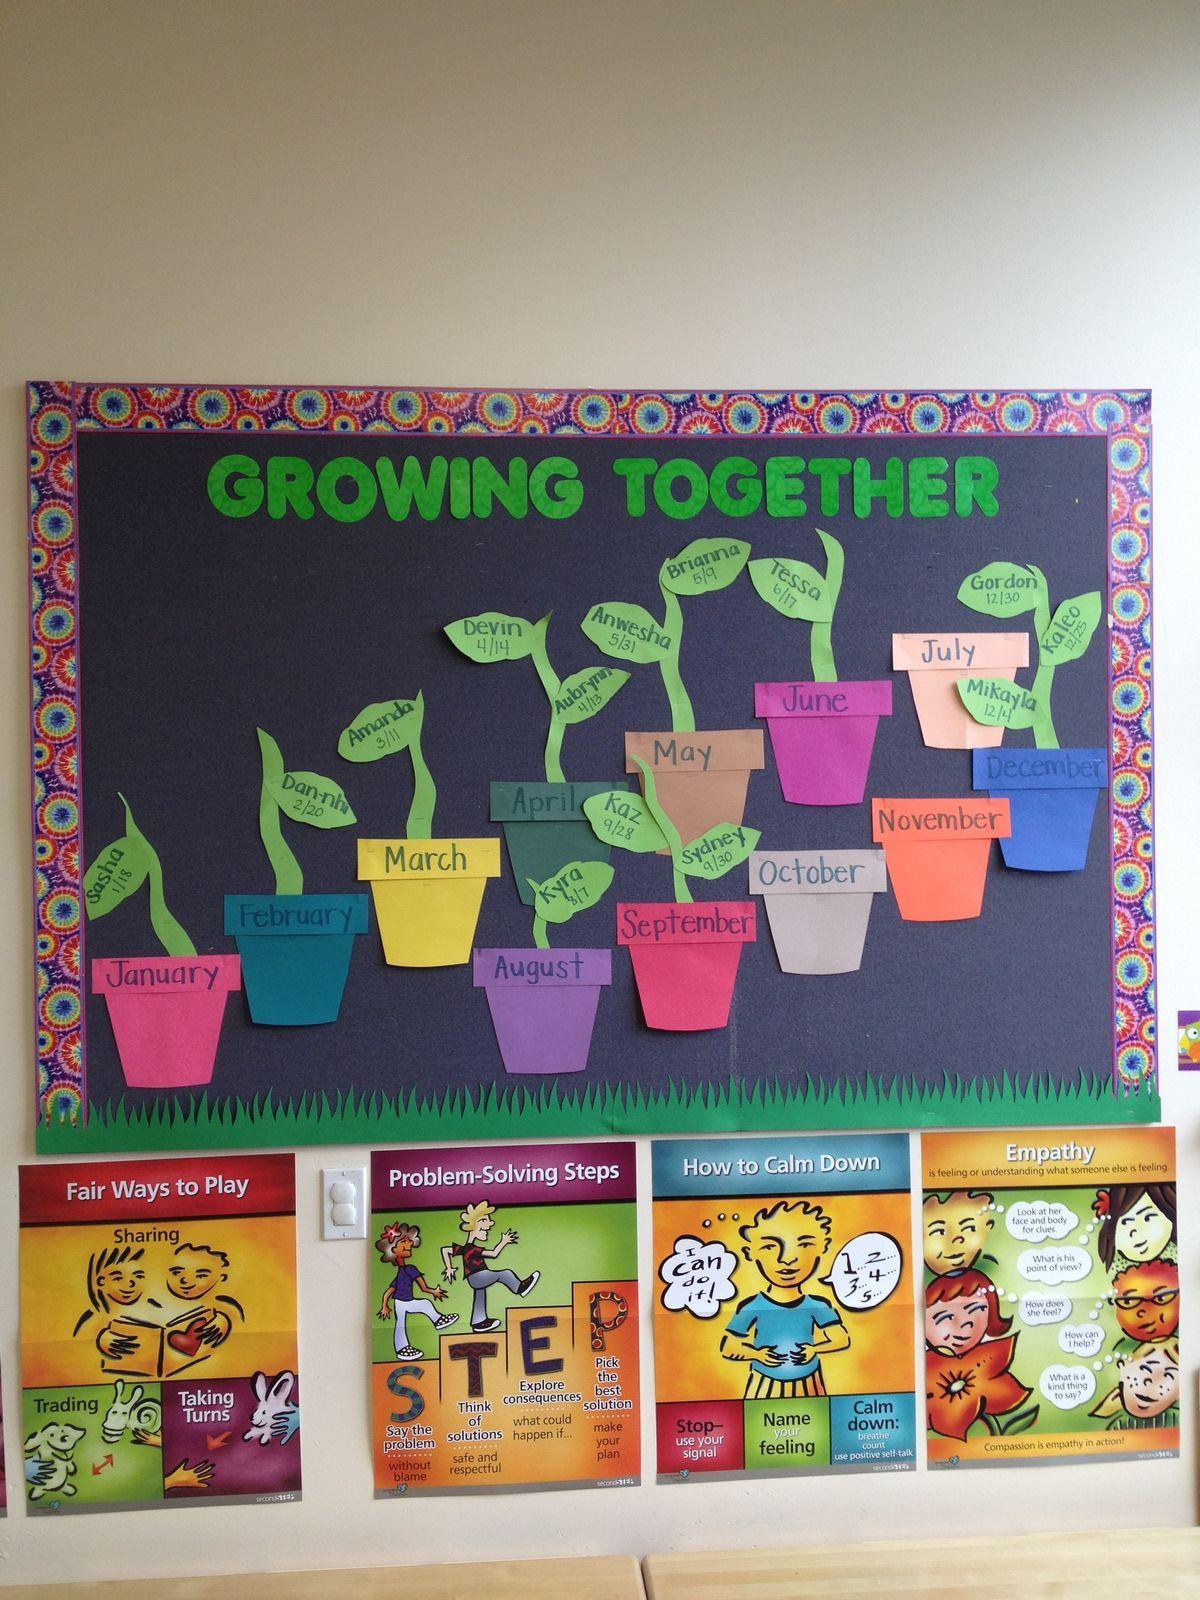 C470a8bcfca15a1cf6df5a6aff812c90 1200x1600 Pixels Bulletin Boards For Spring Preschool